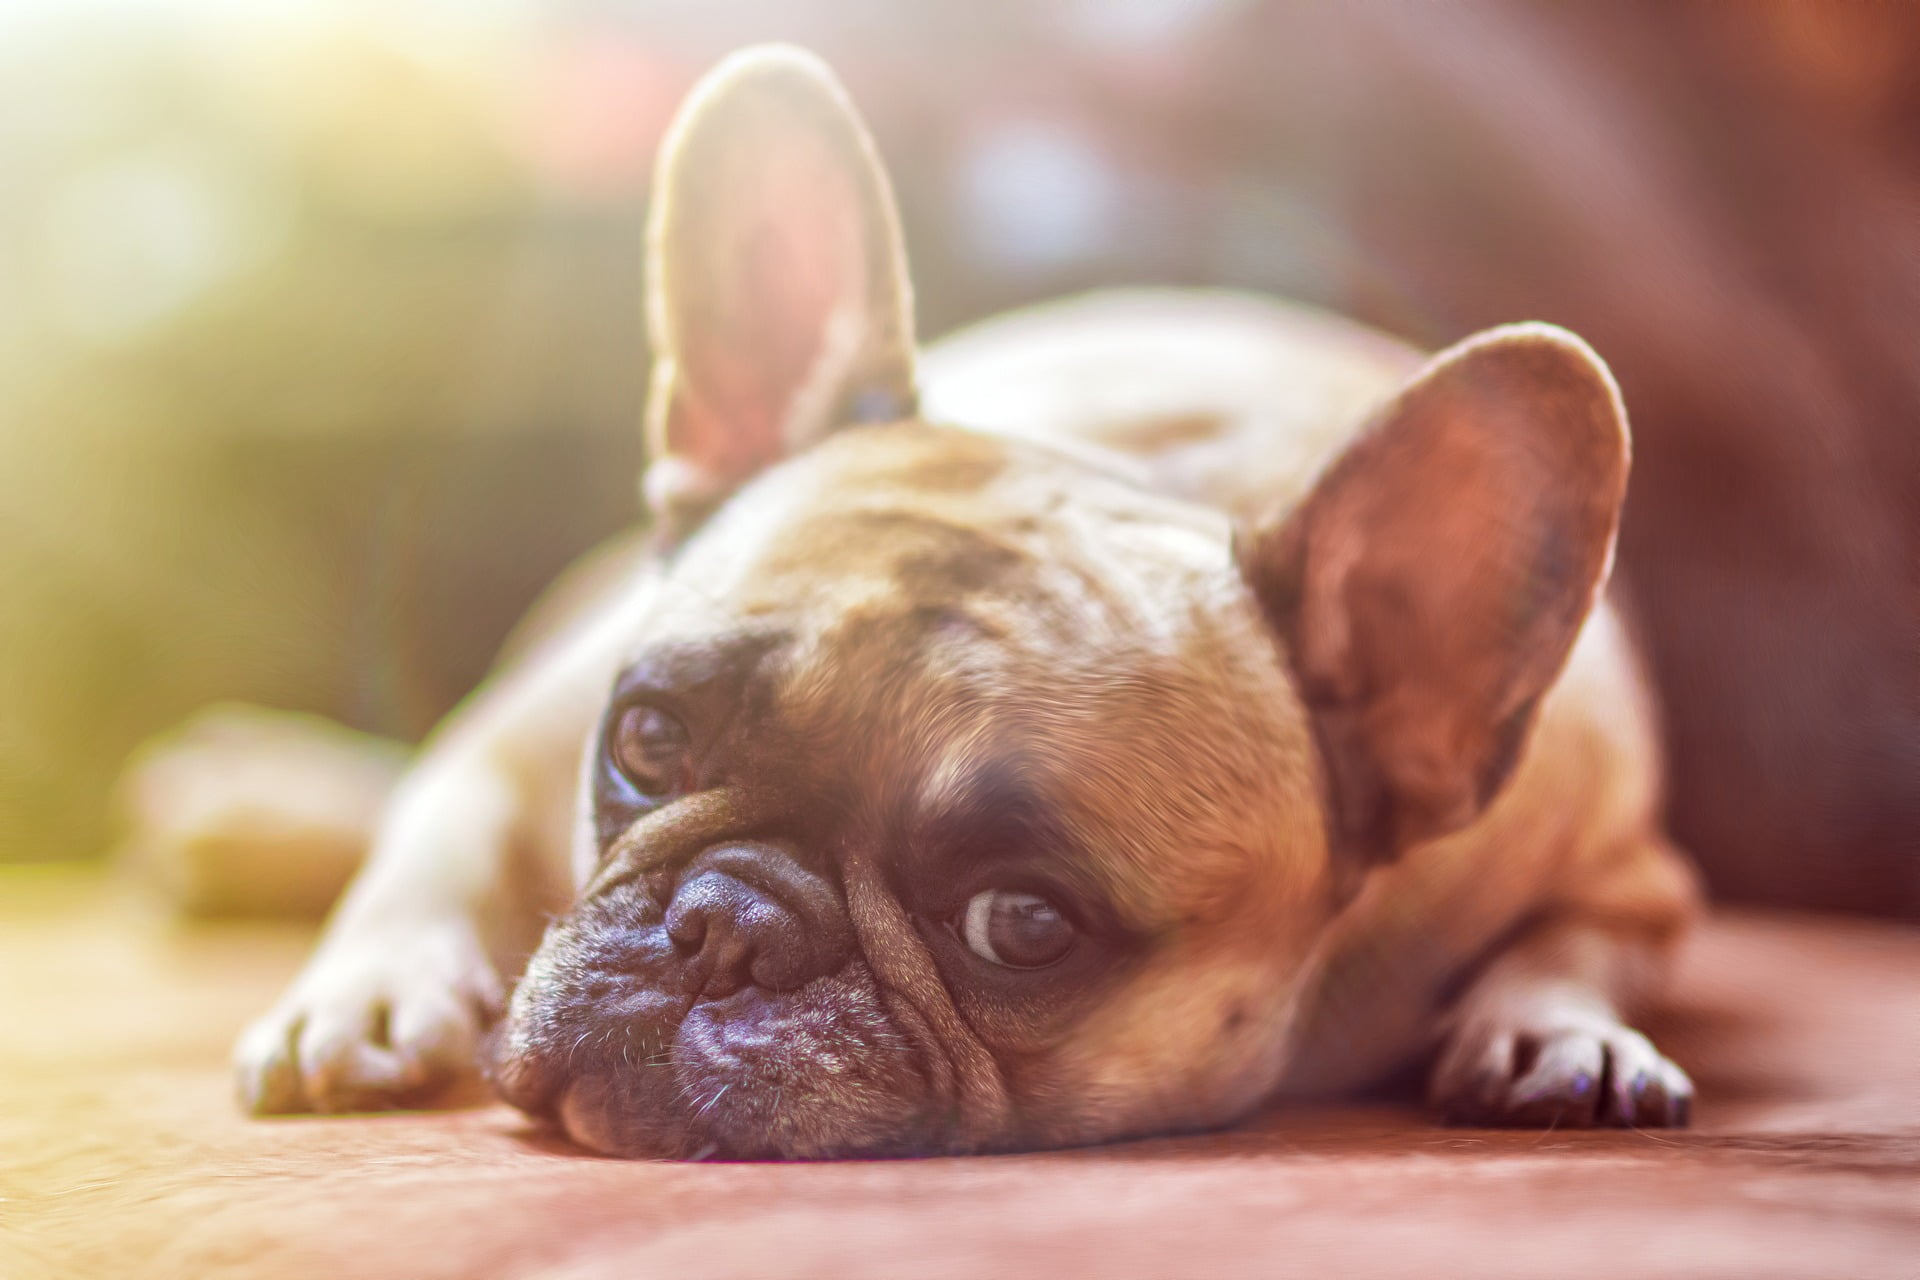 Jämför hundförsäkringar - Bästa hundförsäkringen? - Du avgör